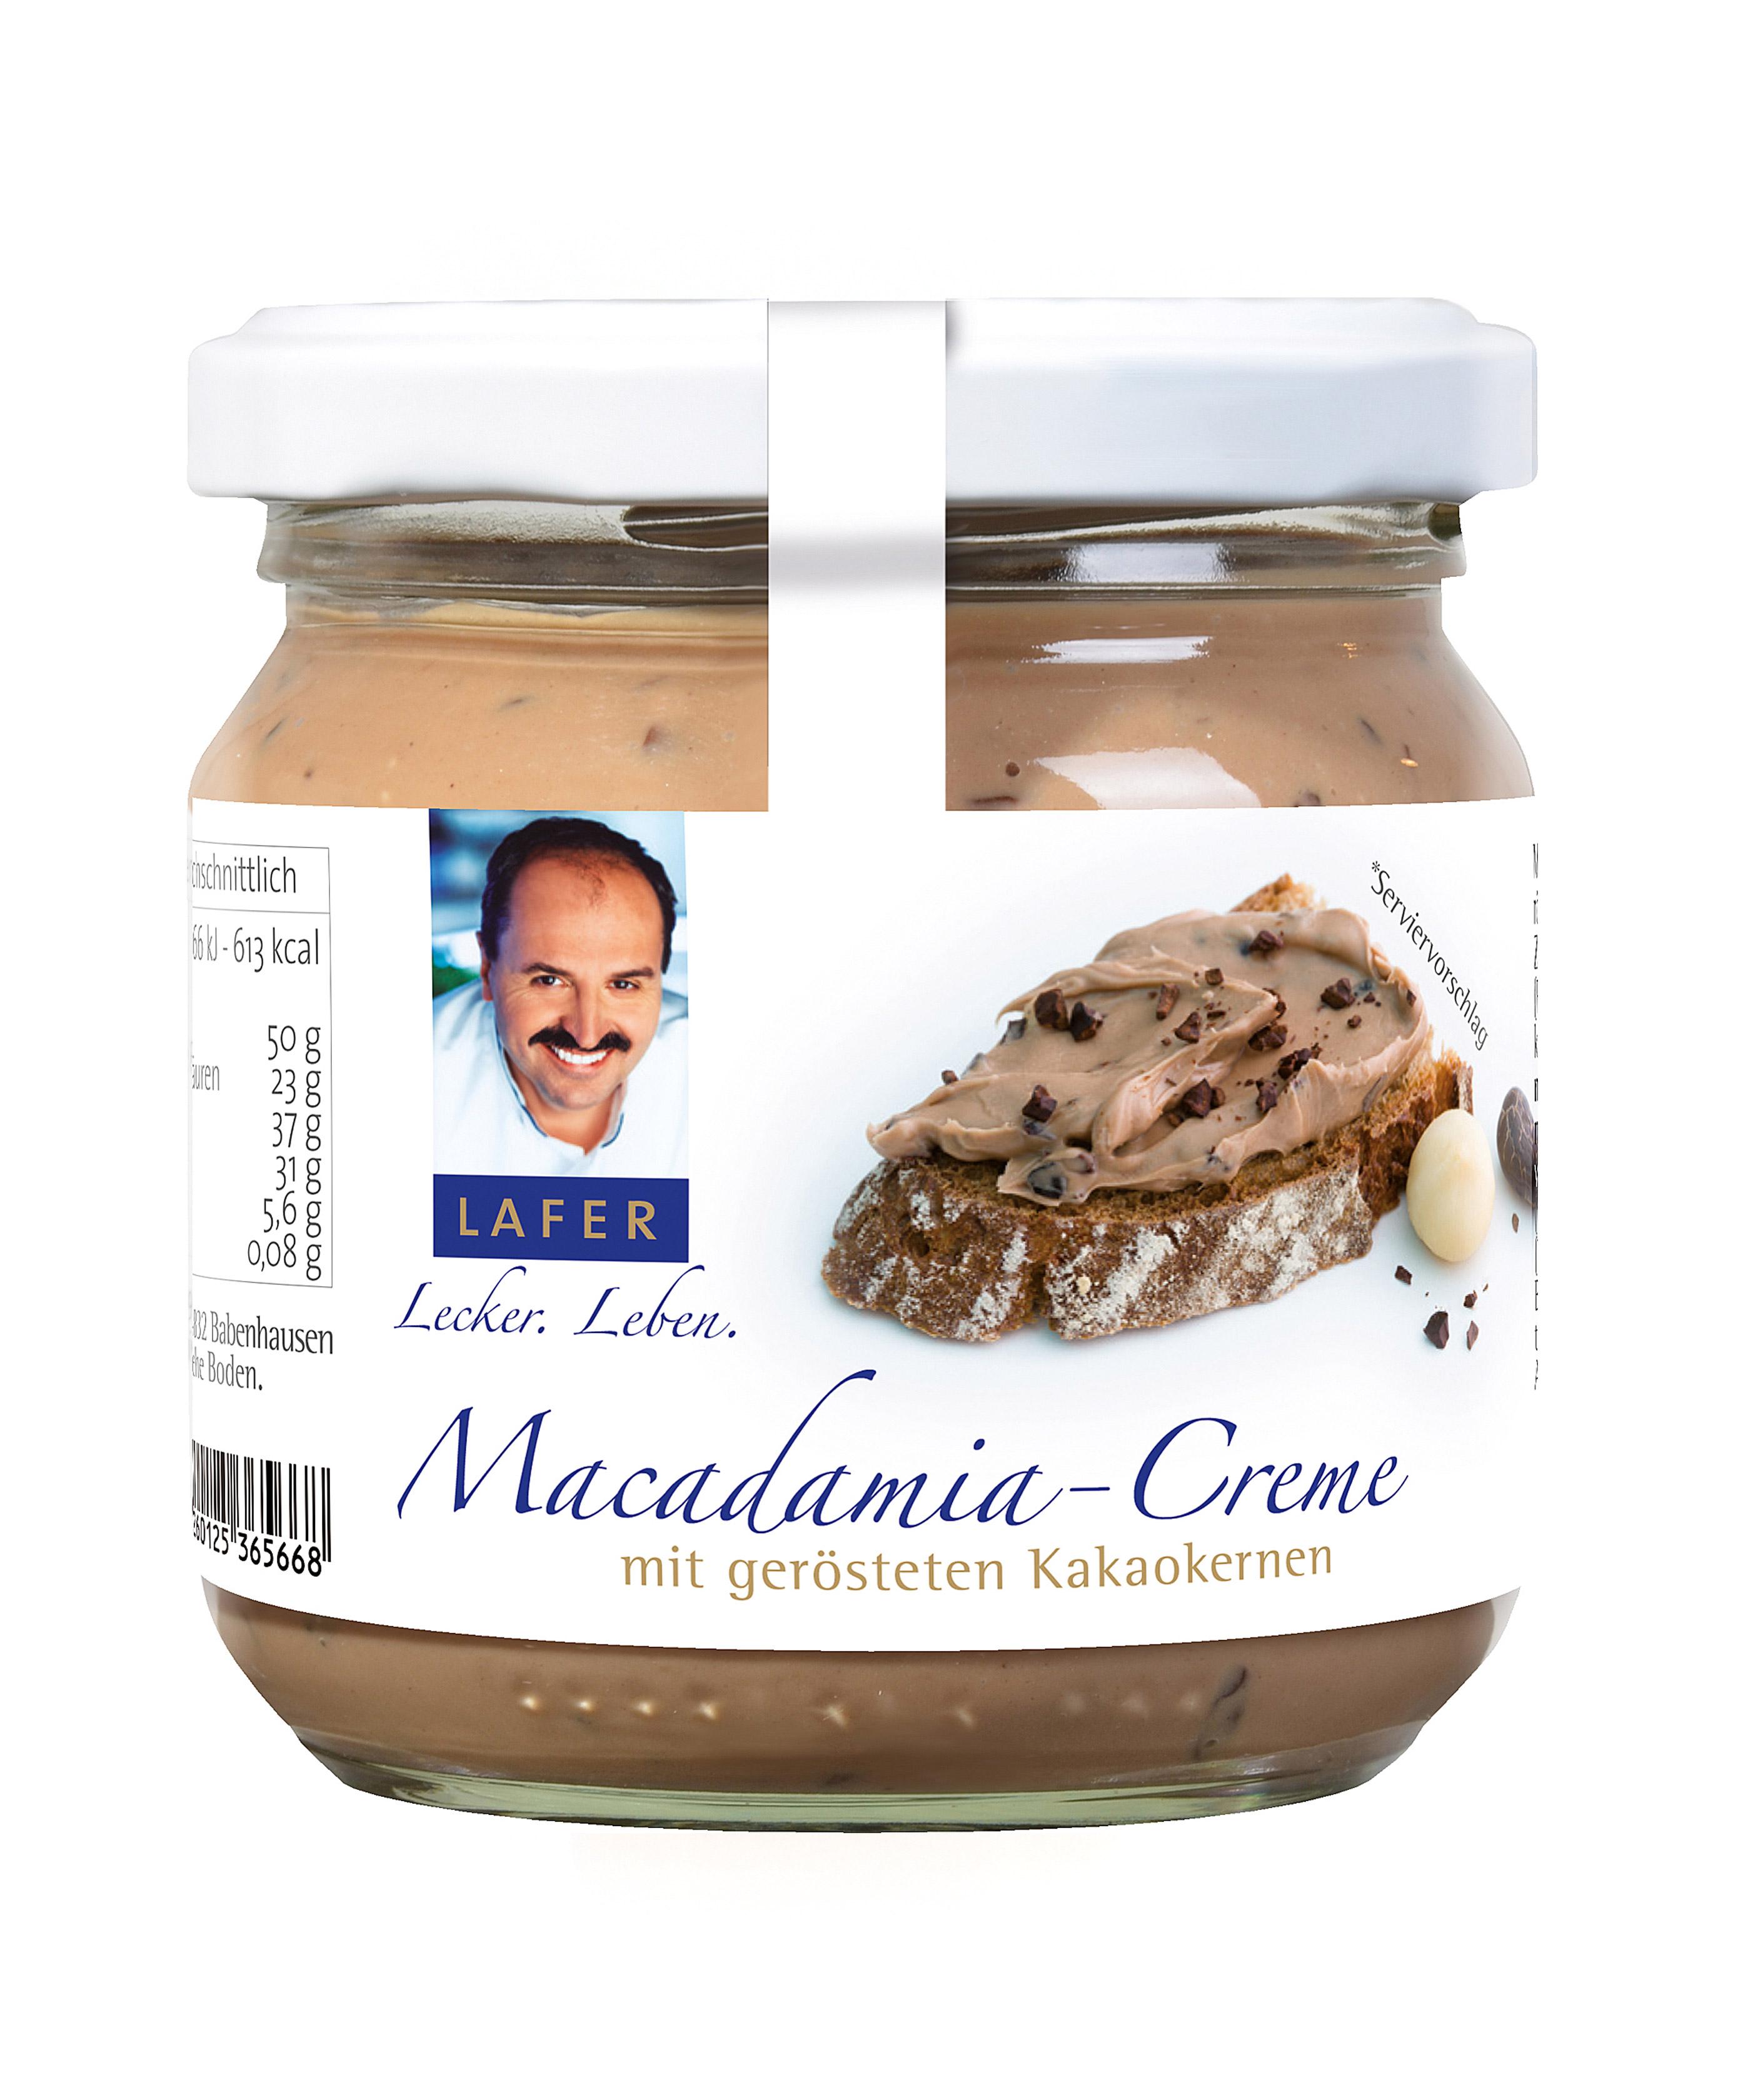 johann-lafer-macadamia-creme-mit-gerosteten-kakaokernen-190-g